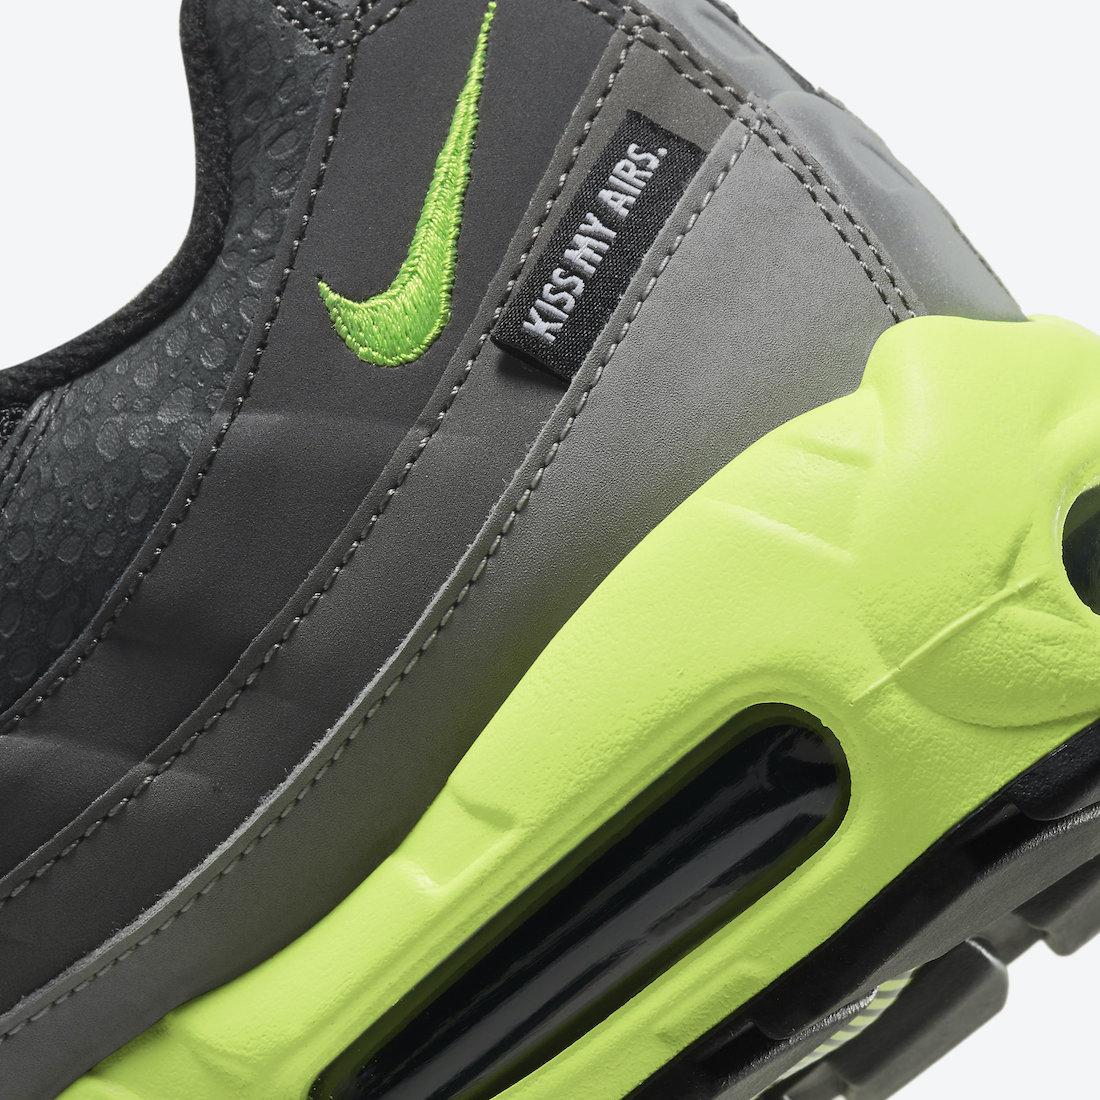 Nike Air Max 95, Nike Air Max, Black, Air Max 95, Air Max, 3M反光